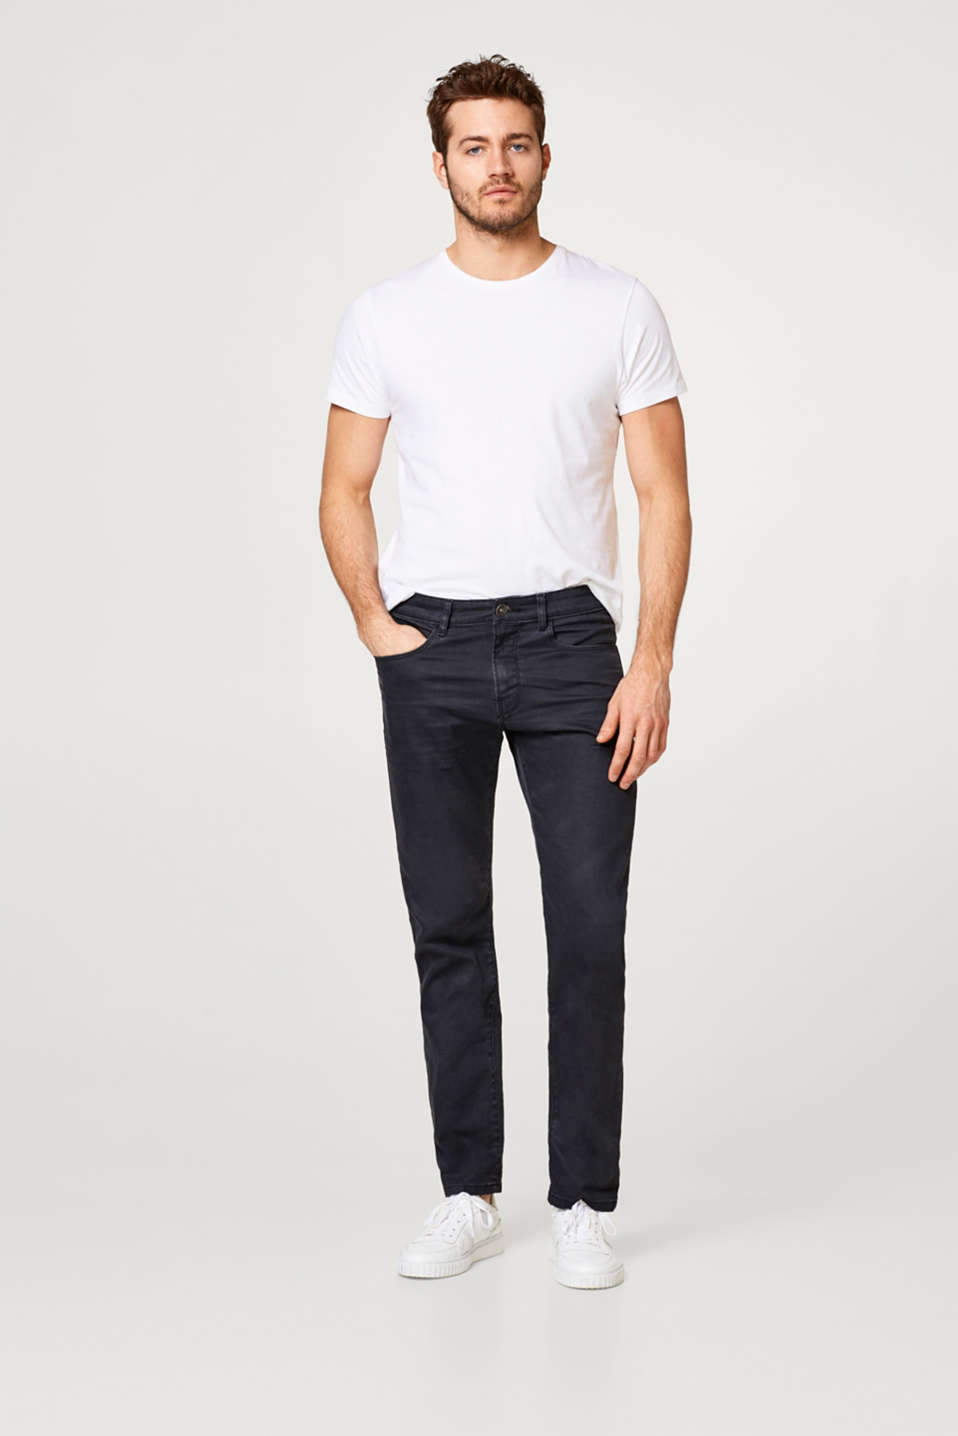 Esprit jean 5 poches en denim stretch noir acheter sur - La ligne noire jean christophe grange ...